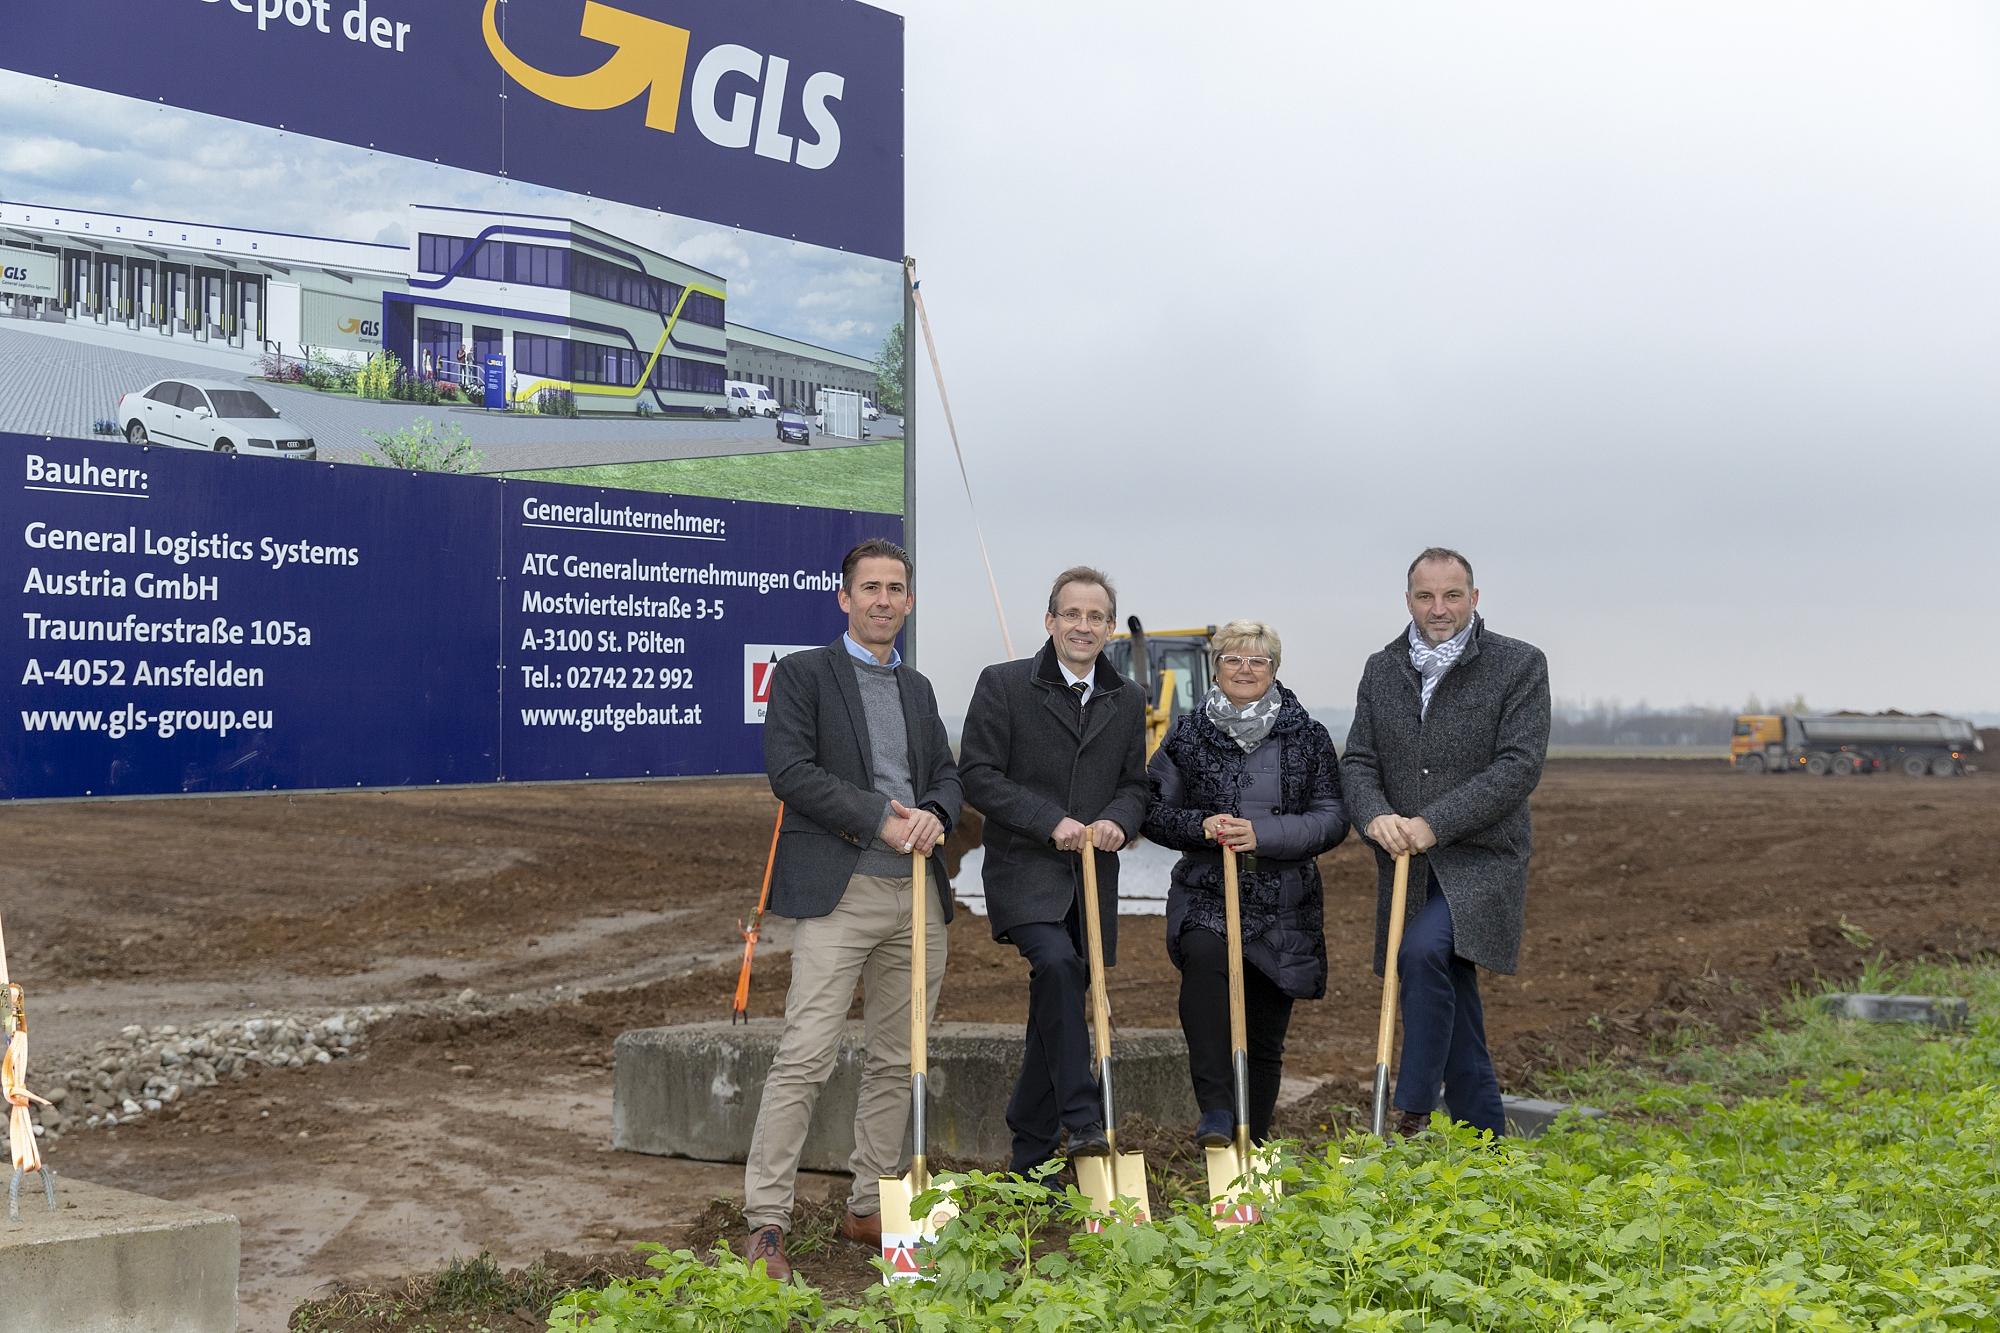 GLS investiert in Kalsdorf 9 Mio. Euro in Qualität und Wachstum